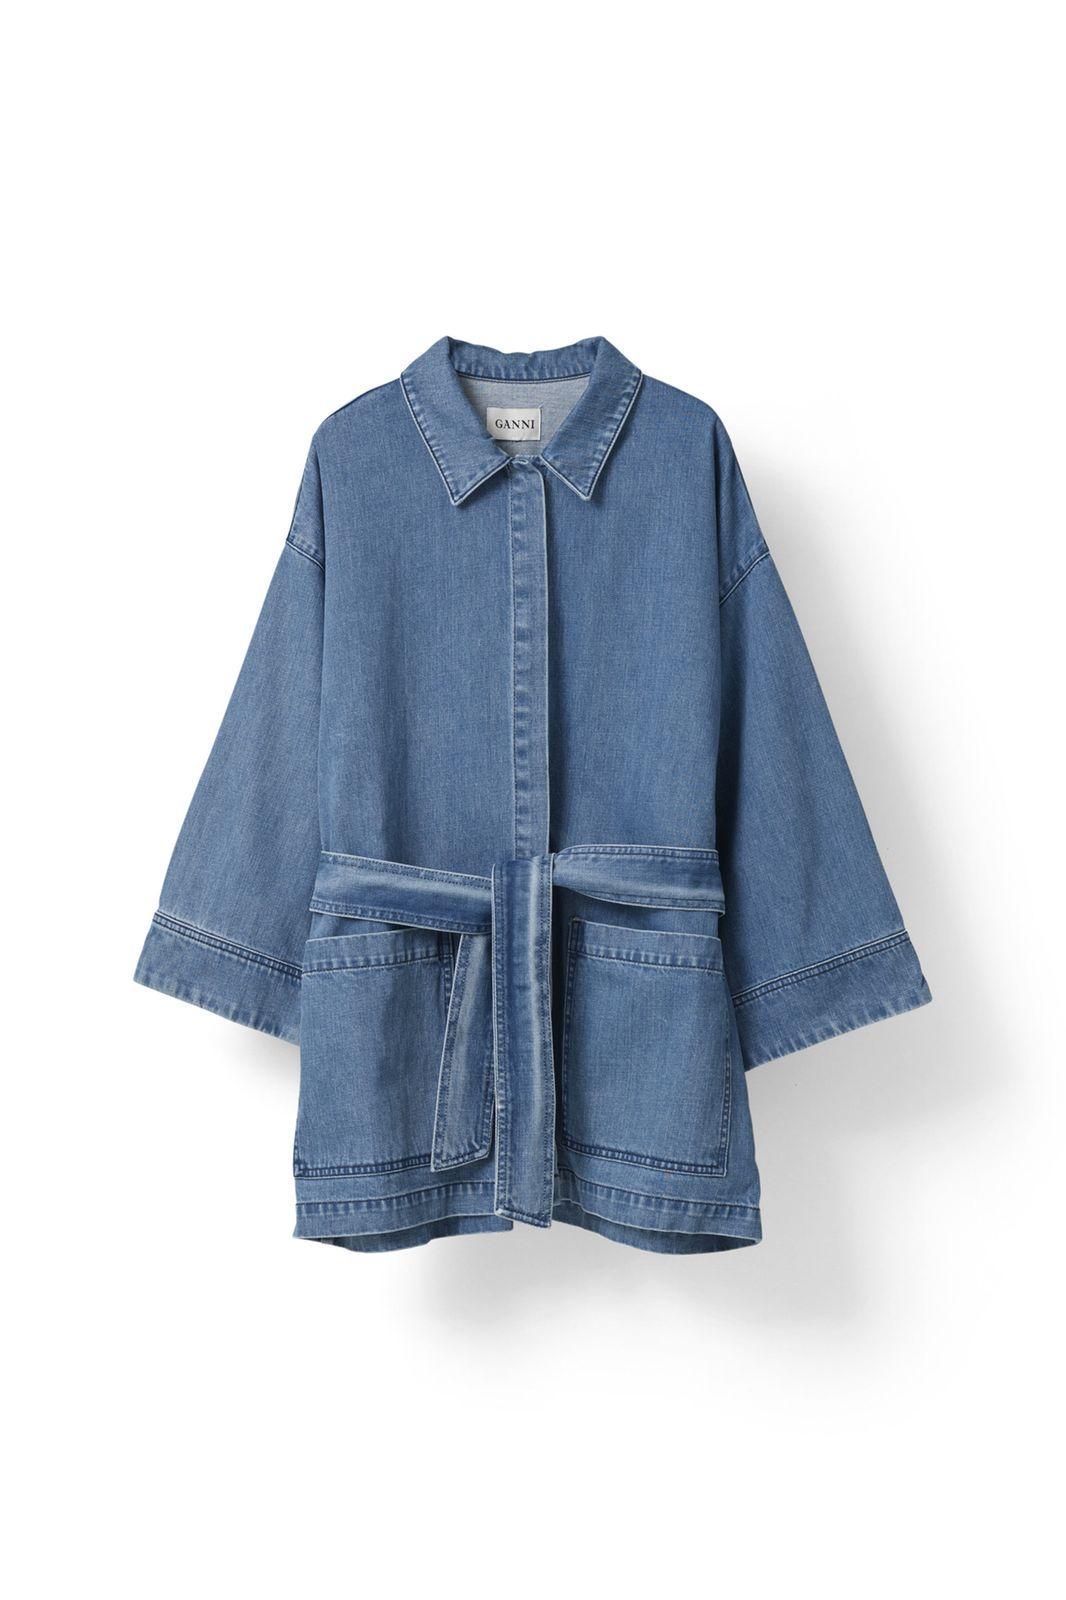 Denim er det hotteste. Punktum. Og om du er på jagt efter de perfekte jeans eller den nye denimjakke, kan du shoppe de bedste fund her